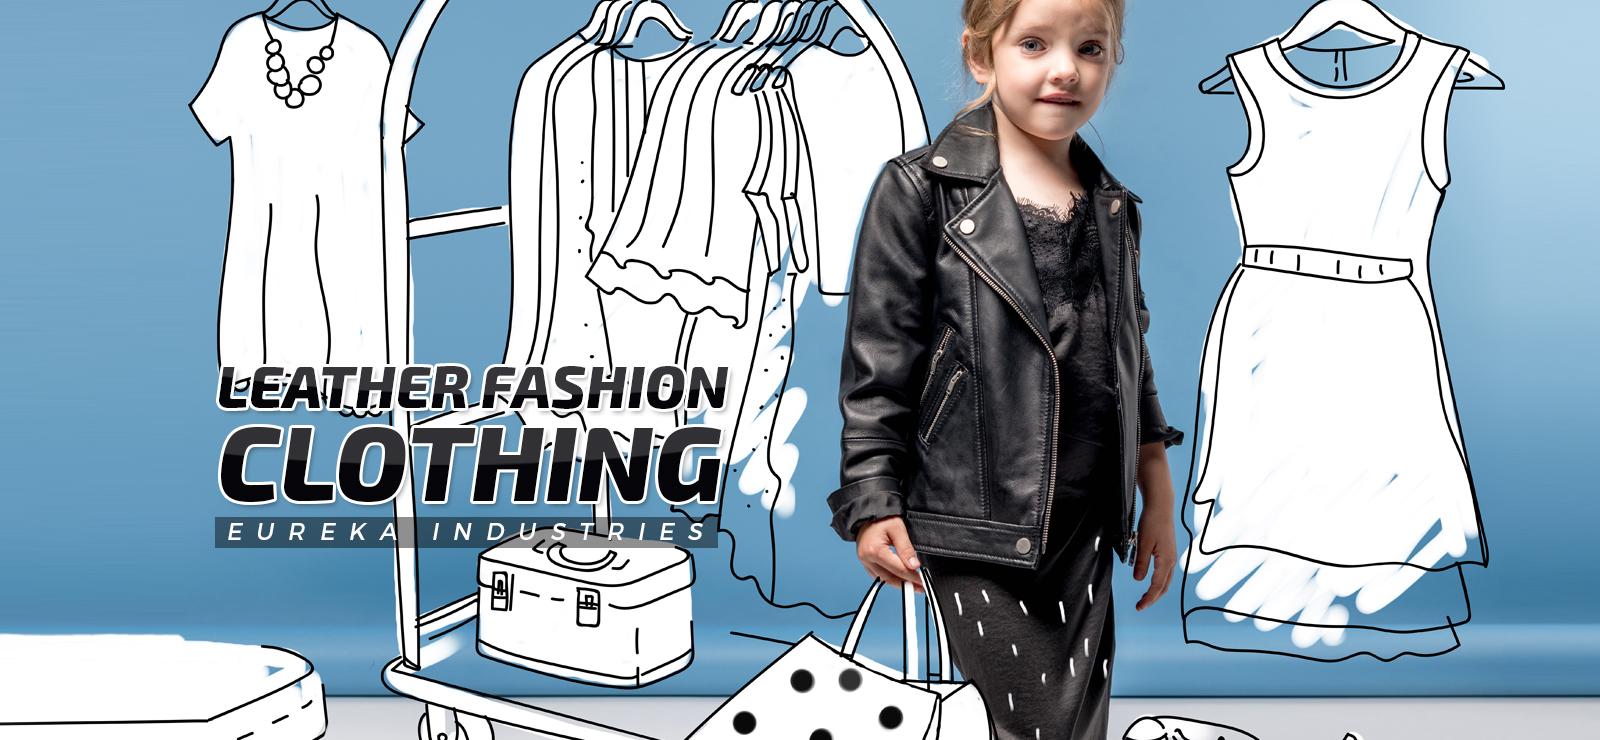 Leather Fashion Clothing-6